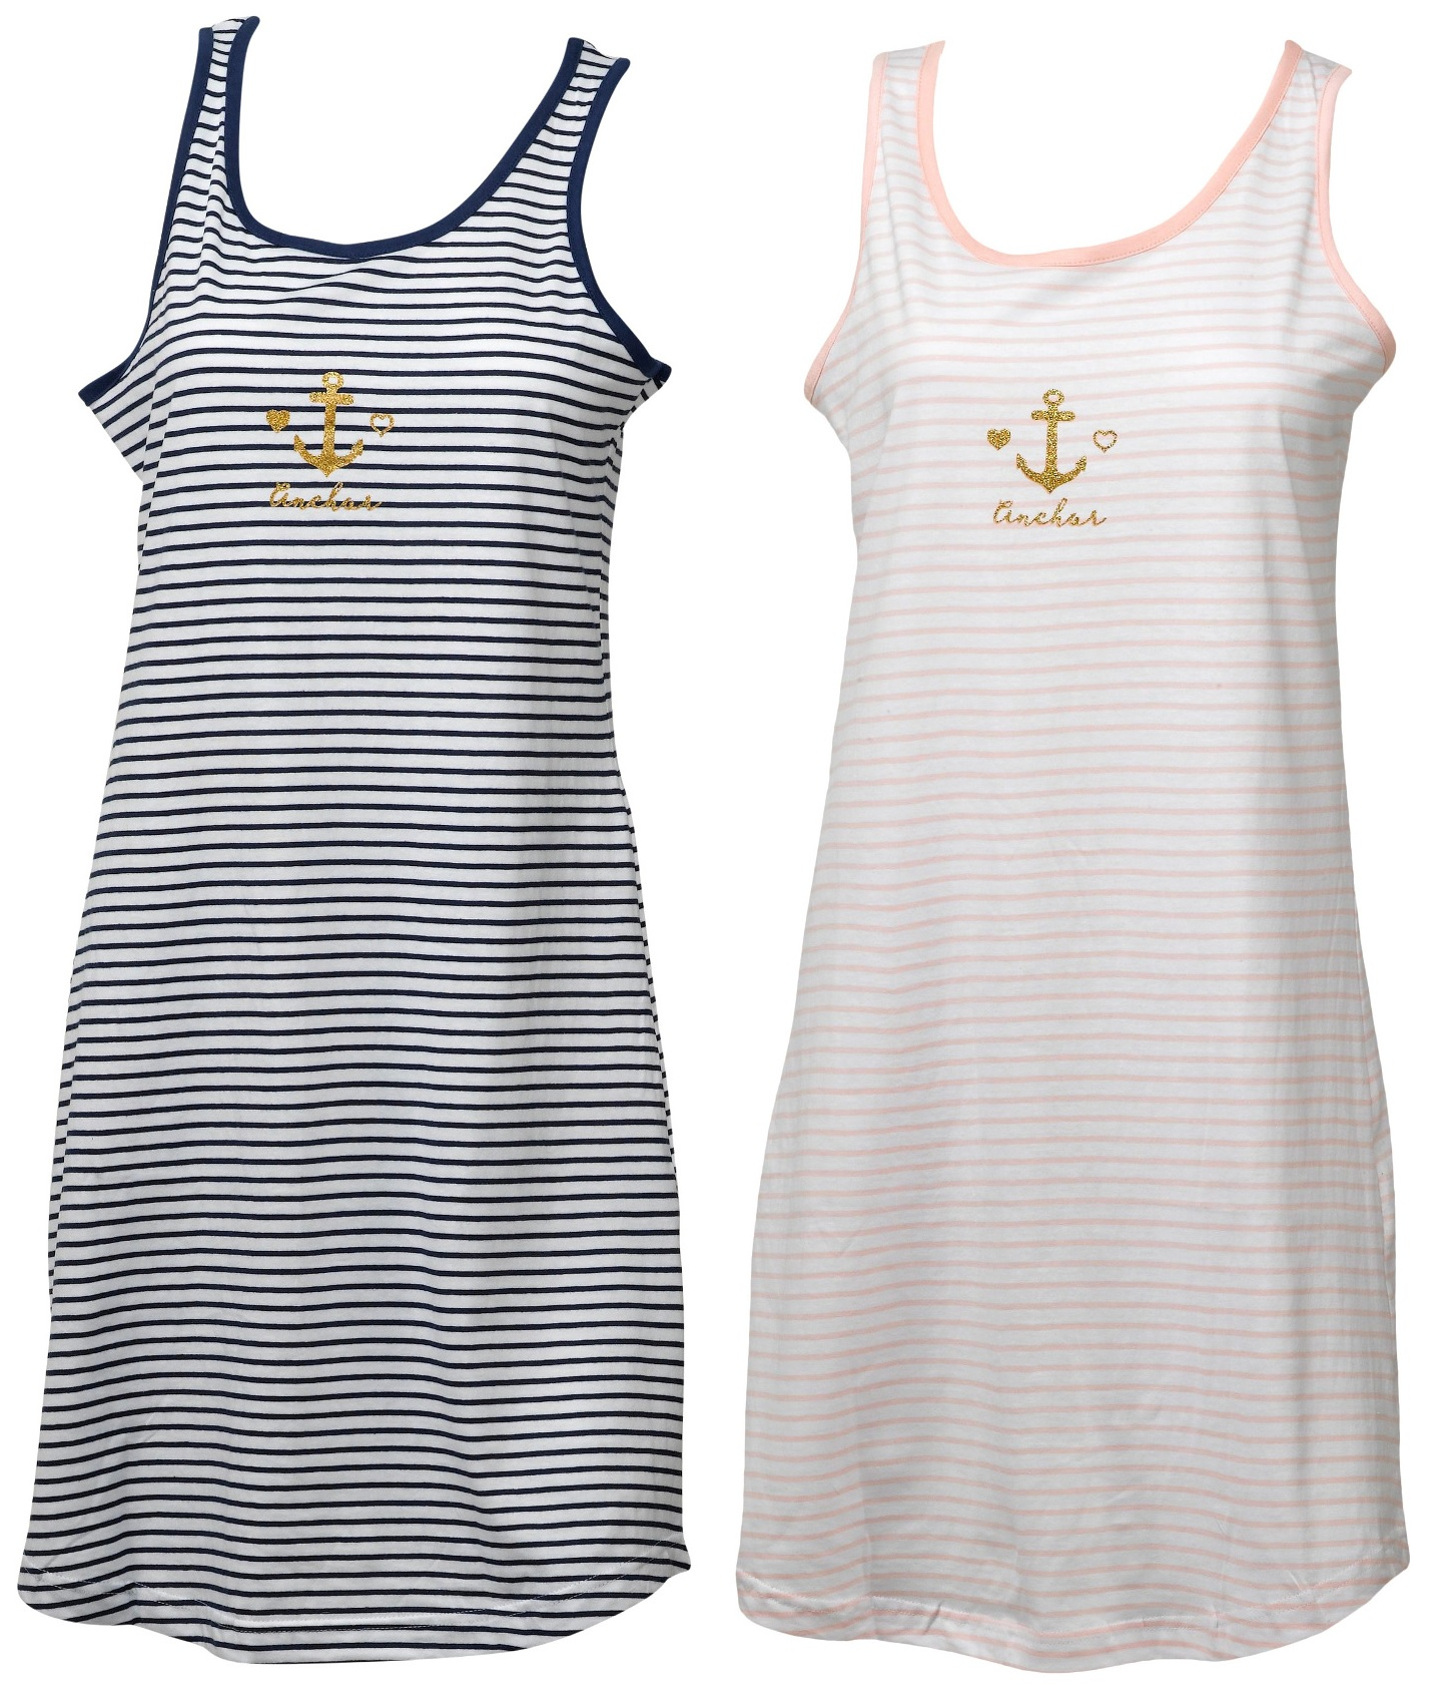 huge selection of 102dd 7723a Details zu Damen Gold Anker Nachthemd Damen Trikot Baumwolle Ärmellos  Gestreift Nachthemd